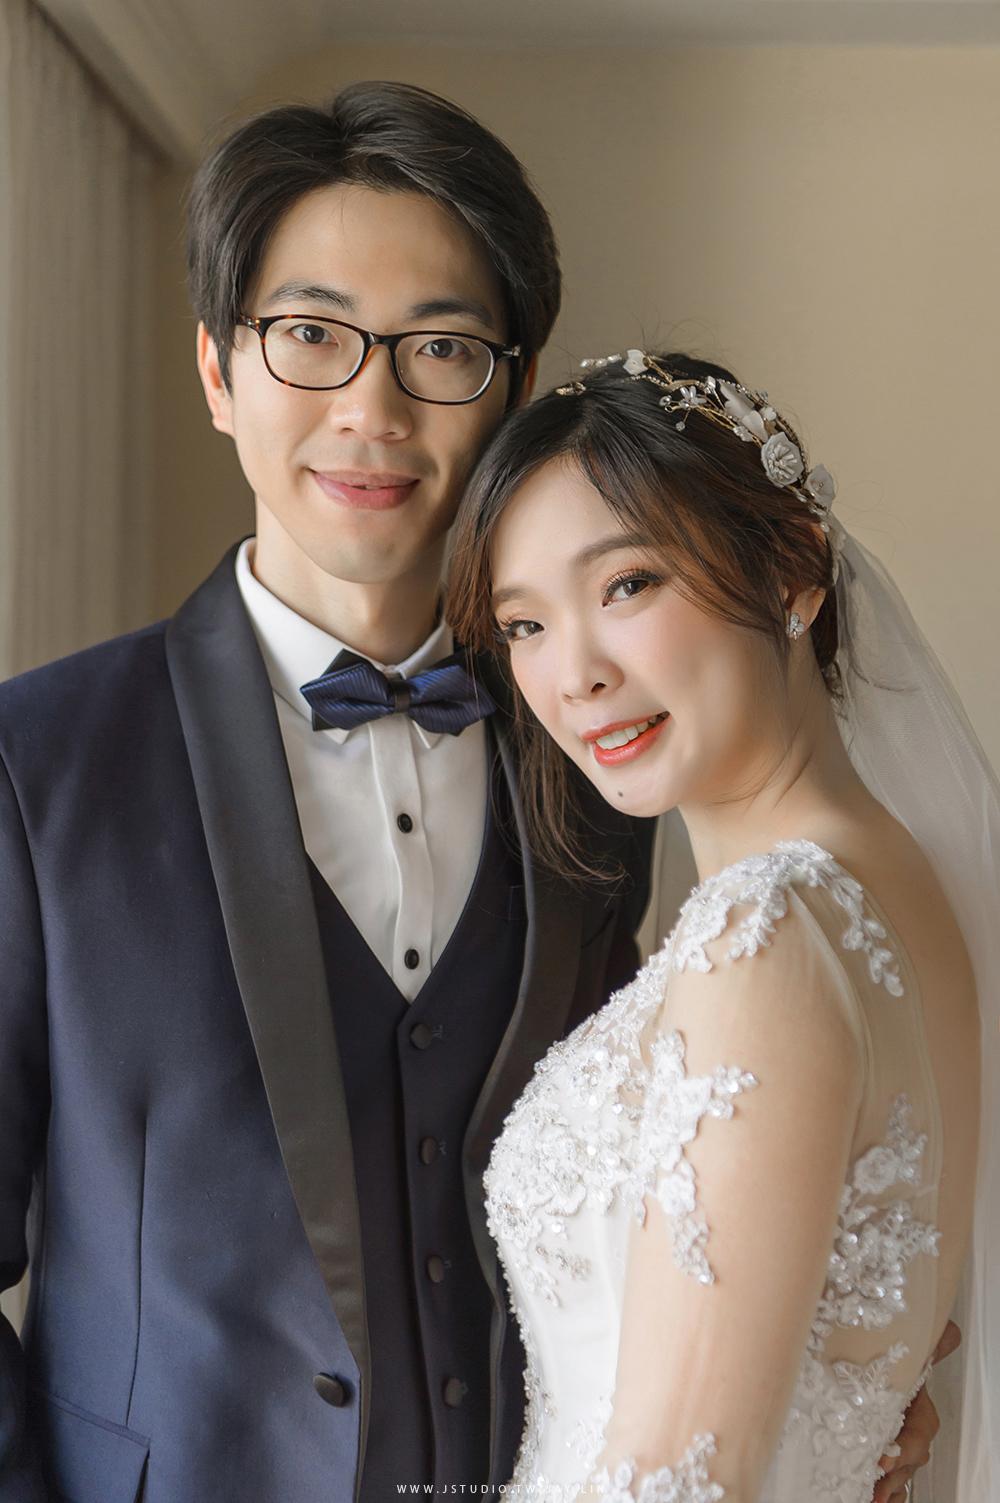 婚攝 推薦婚攝 台北西華飯店  台北婚攝 婚禮紀錄 JSTUDIO_0031